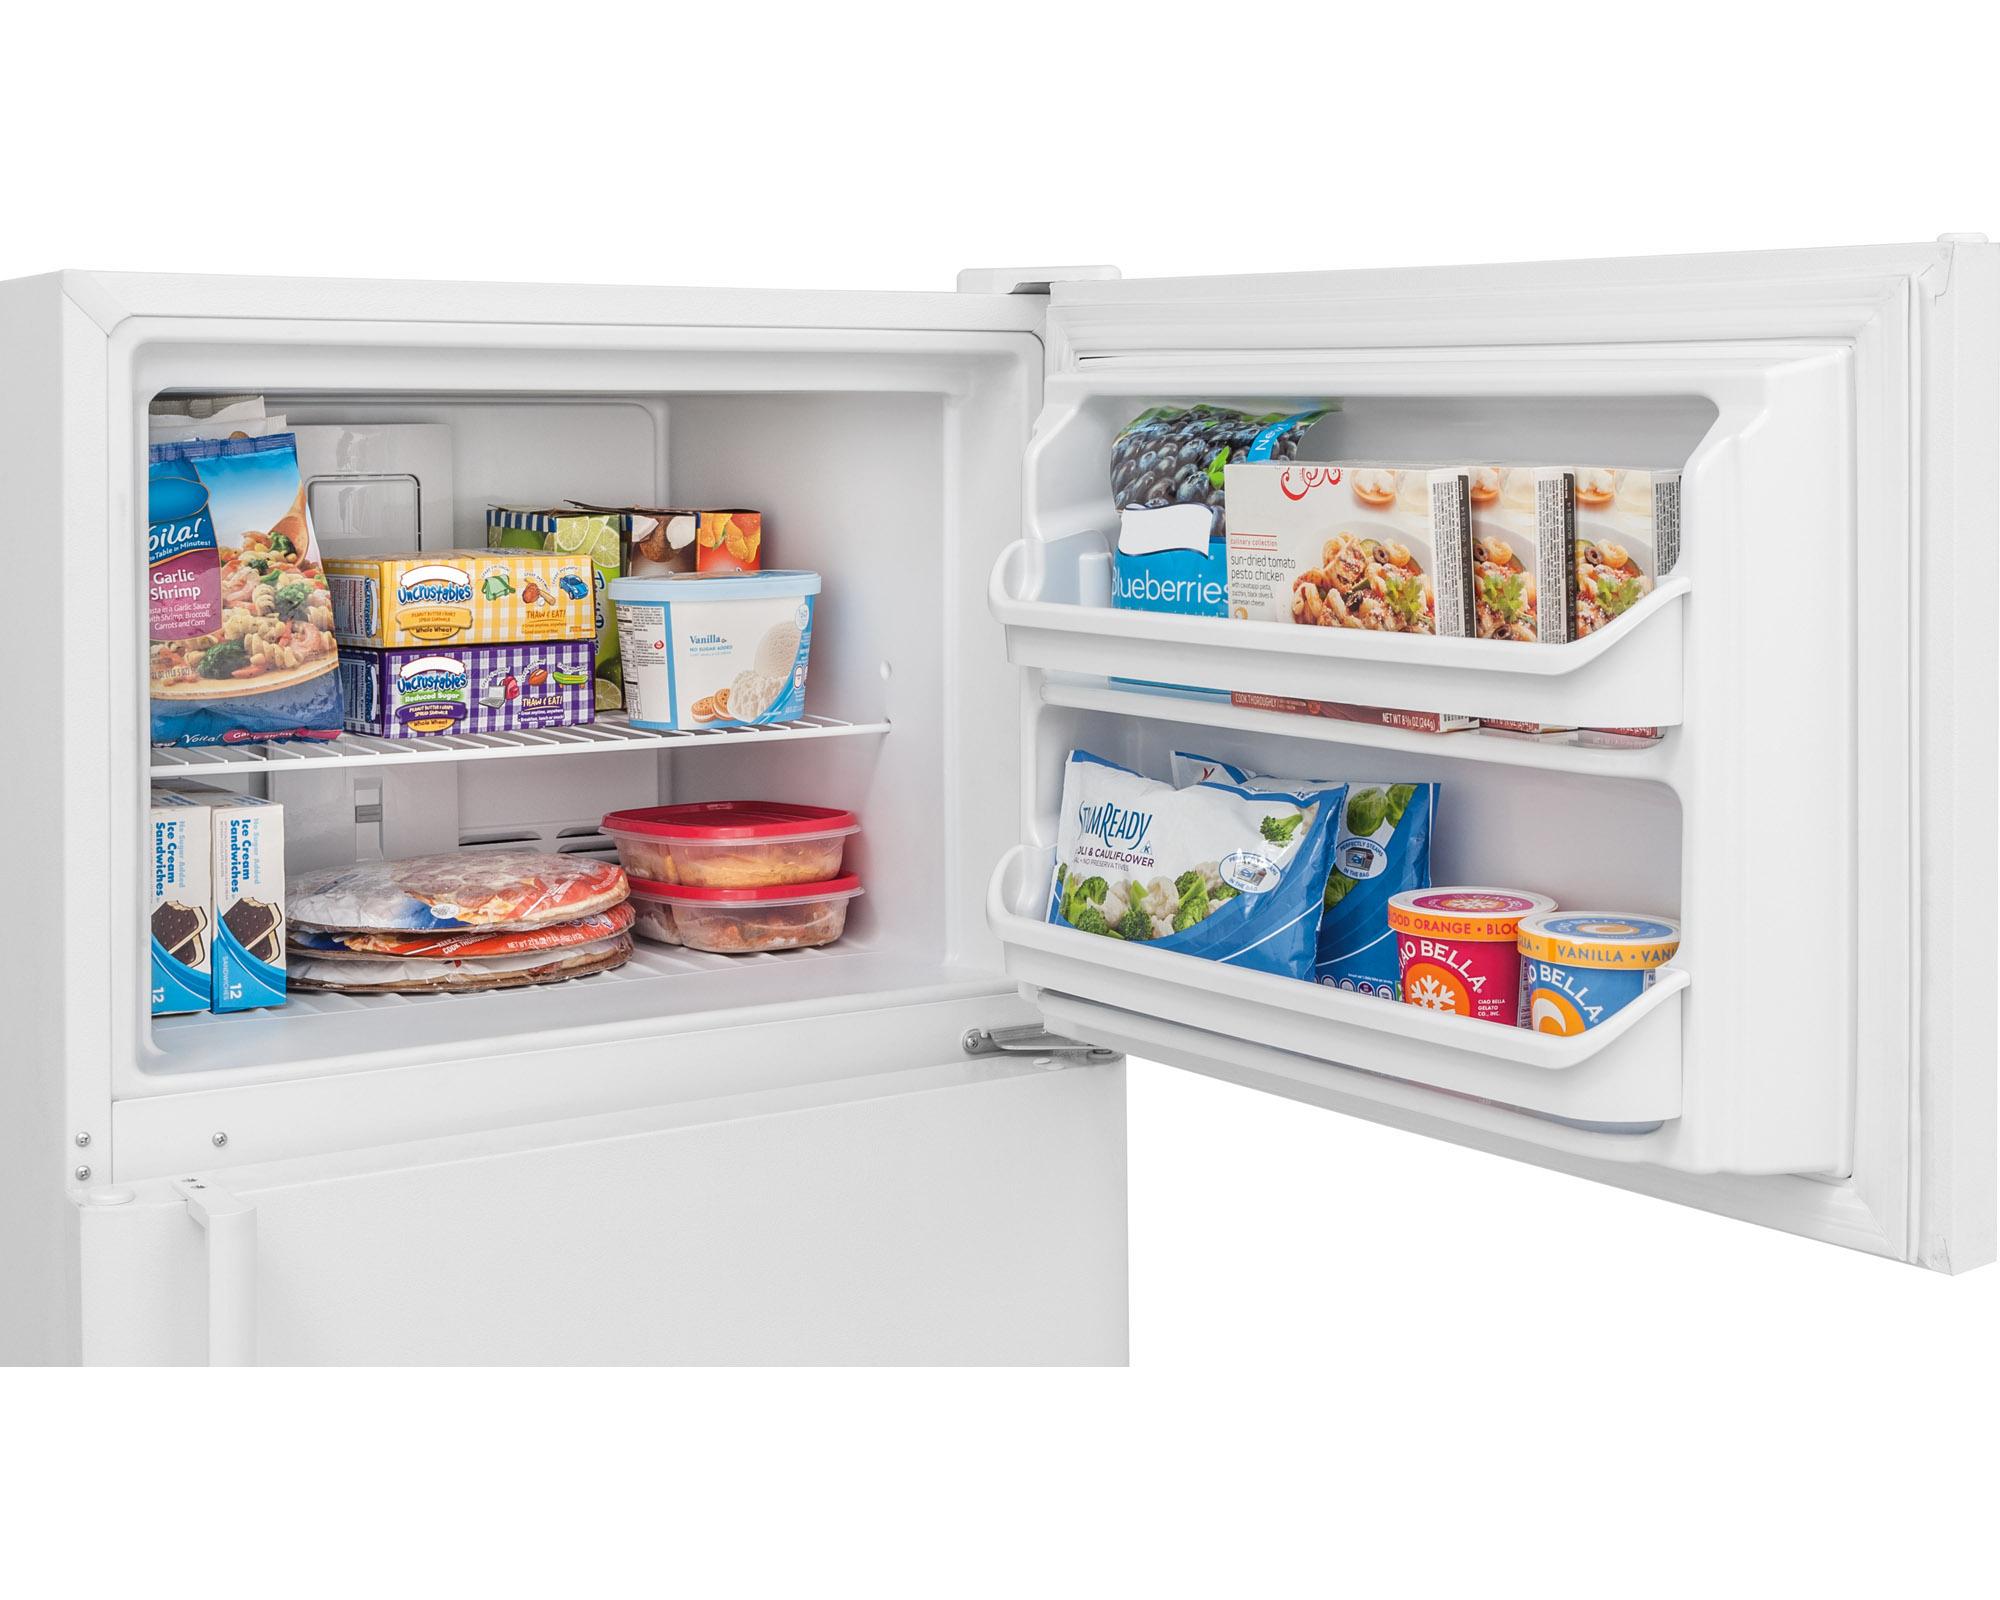 Frigidaire FFTR2021QW 20.4 cu. ft. Top Freezer Refrigerator - White